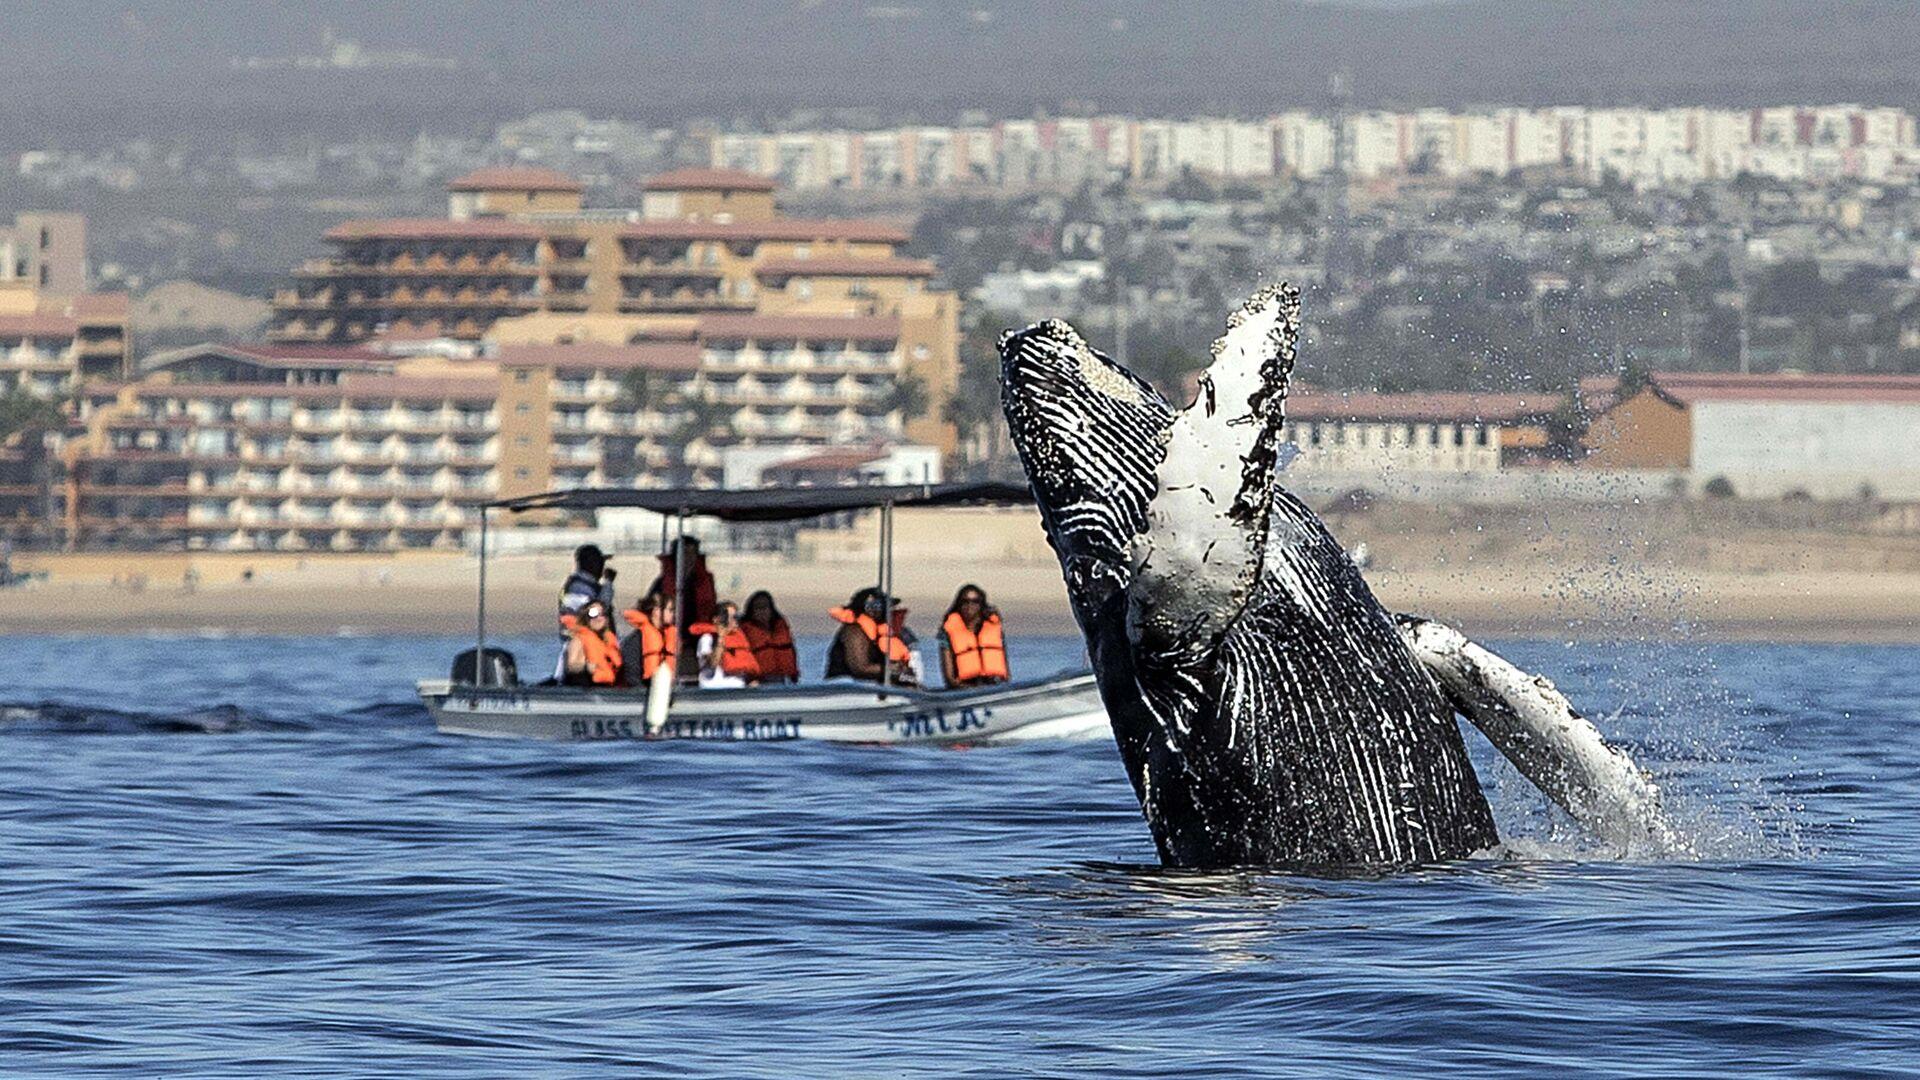 Люди смотрят, как горбатый кит выпрыгивает из воды в Лос-Кабосе, Мексика - РИА Новости, 1920, 25.10.2020